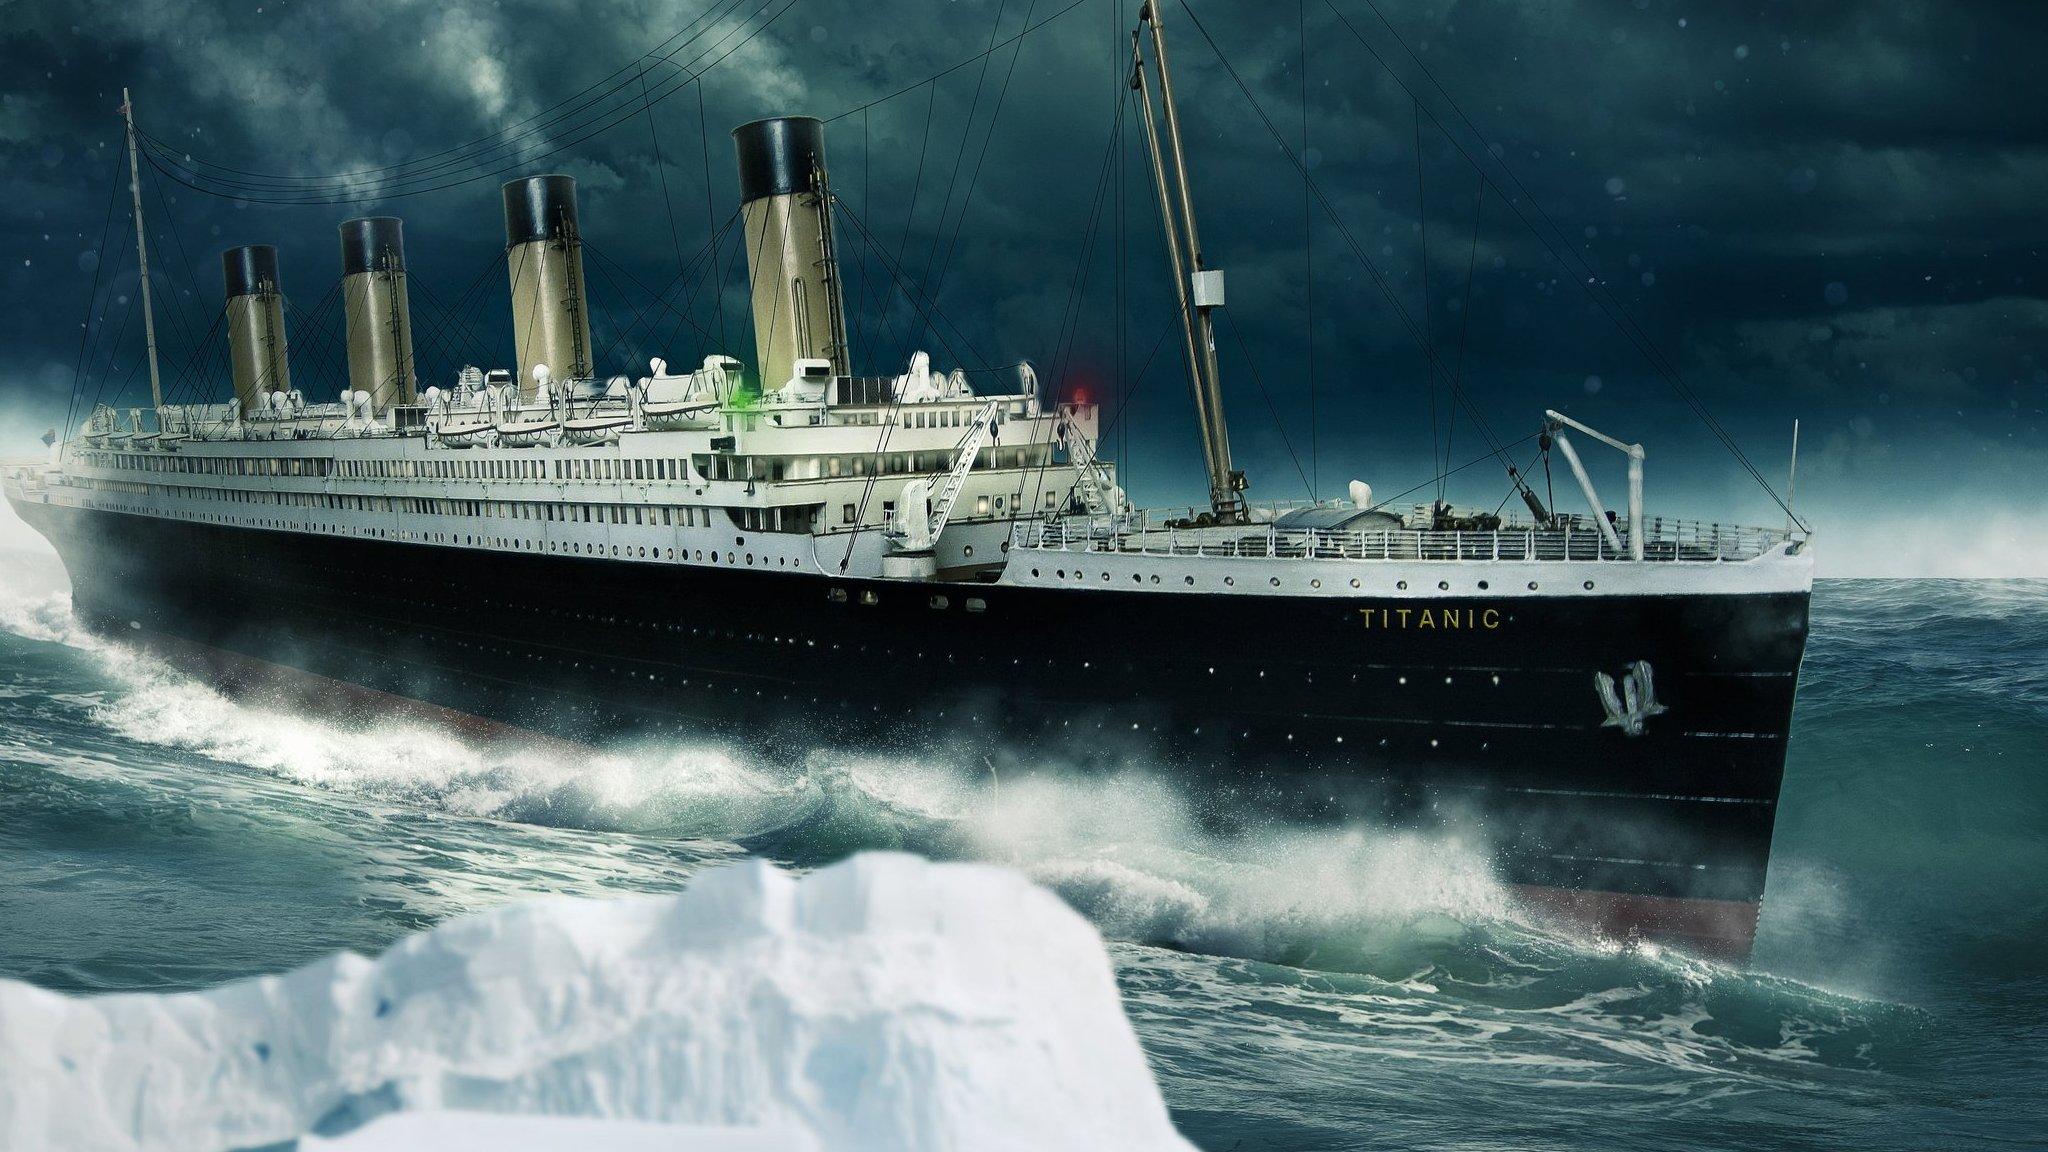 5 Mitos Que El Cine Ha Creado Sobre El Titanic El Legendario Barco Que Se Hundió En Su Viaje Inaugural Bbc News Mundo